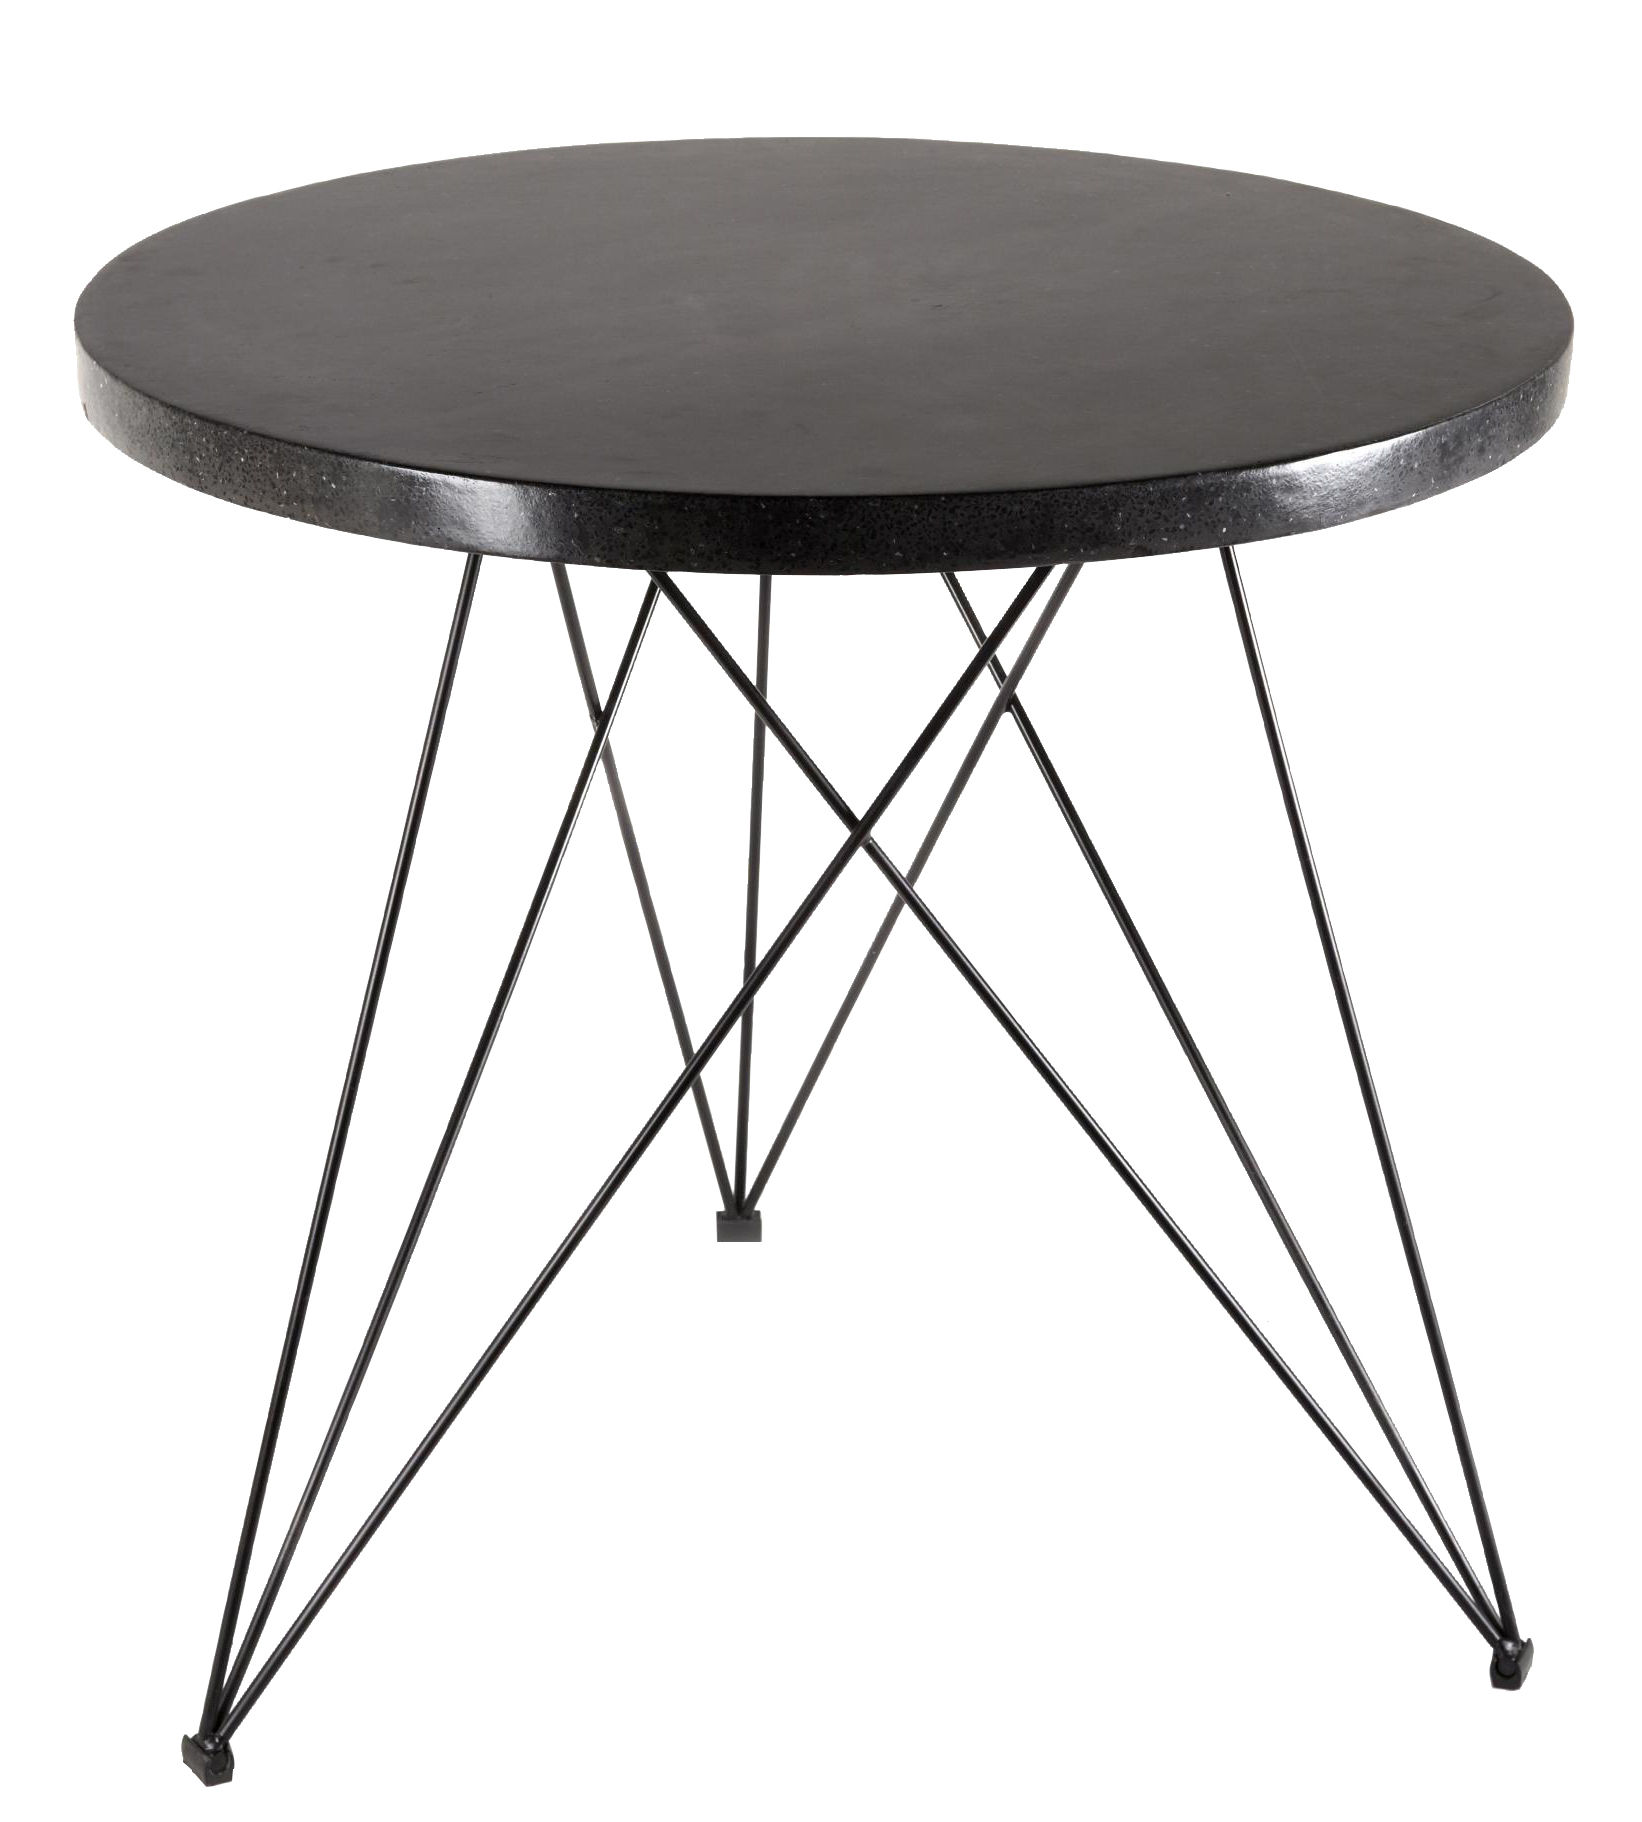 Arredamento - Tavoli - Tavolo rotondo Sticchite - / Ø 80 cm - Terrazzo di Serax - Terrazzo nero / Gamba nera - Ferro dipinto, Terrazzo